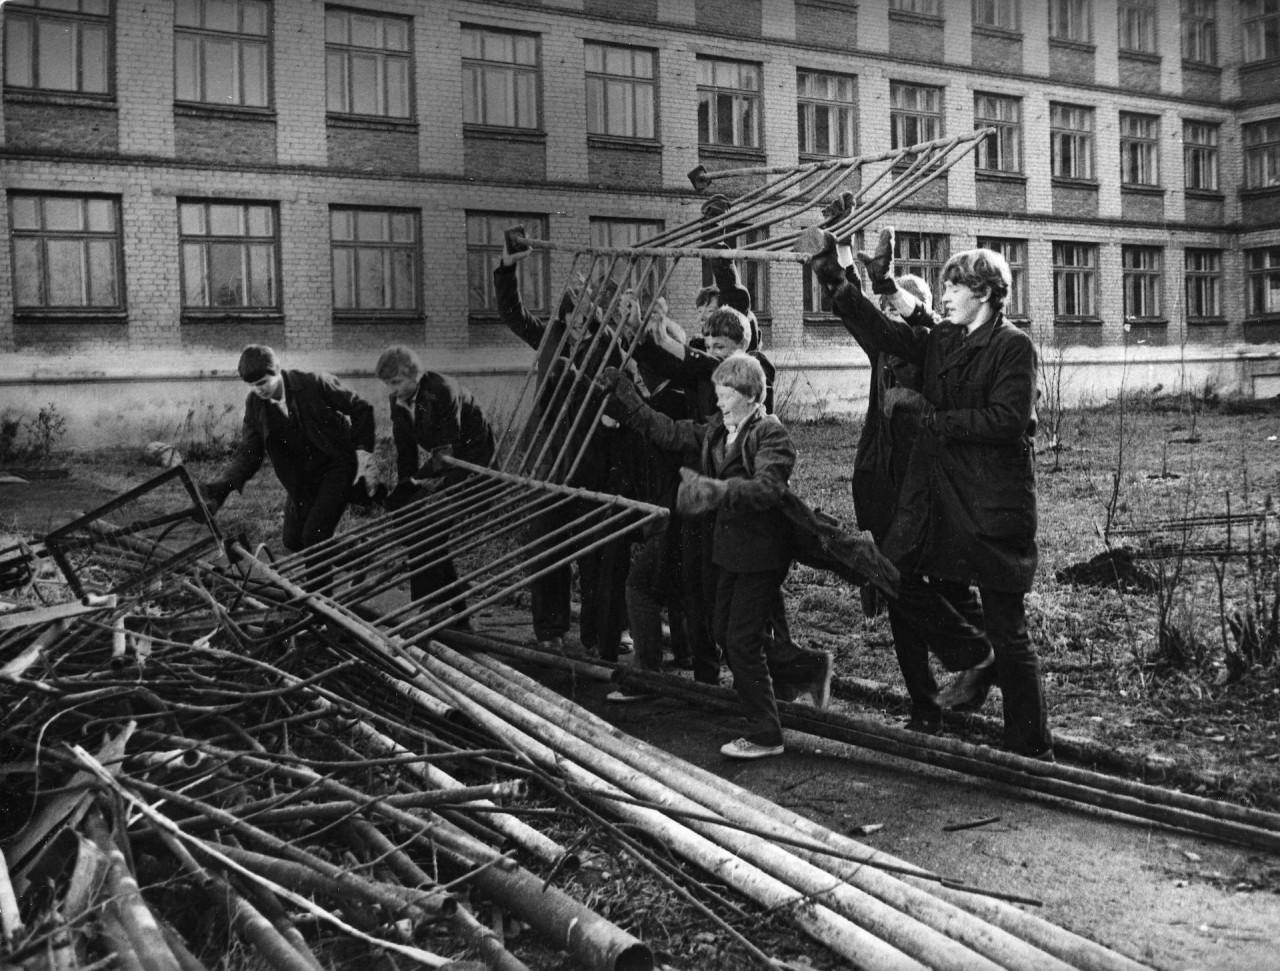 Терпение и труд. Как в СССР эксплуатировали детей.